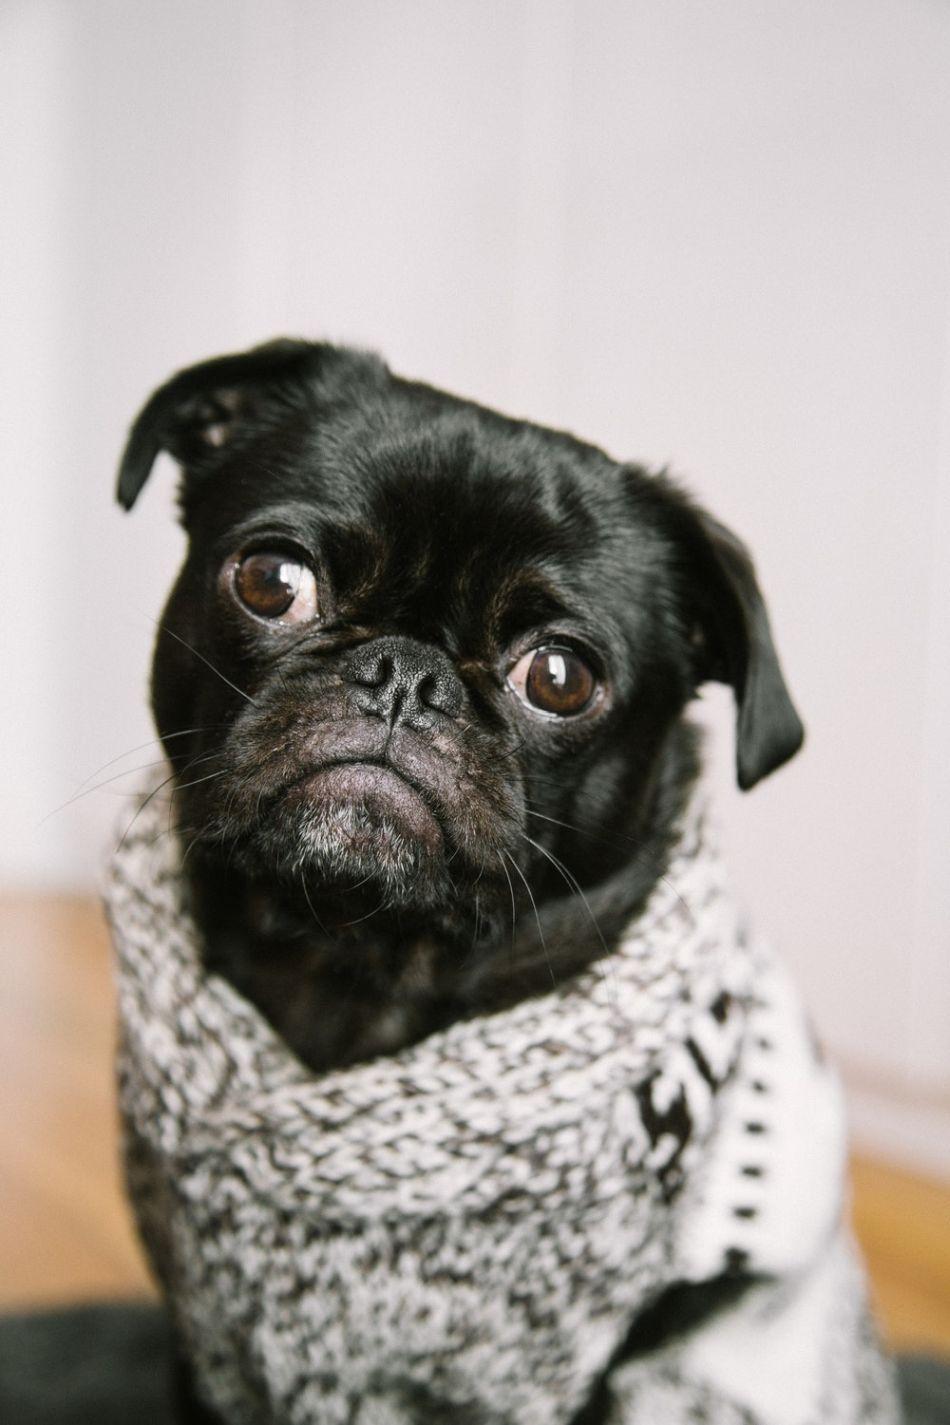 dog whisperer tips on puppy training Dogs, Dog images